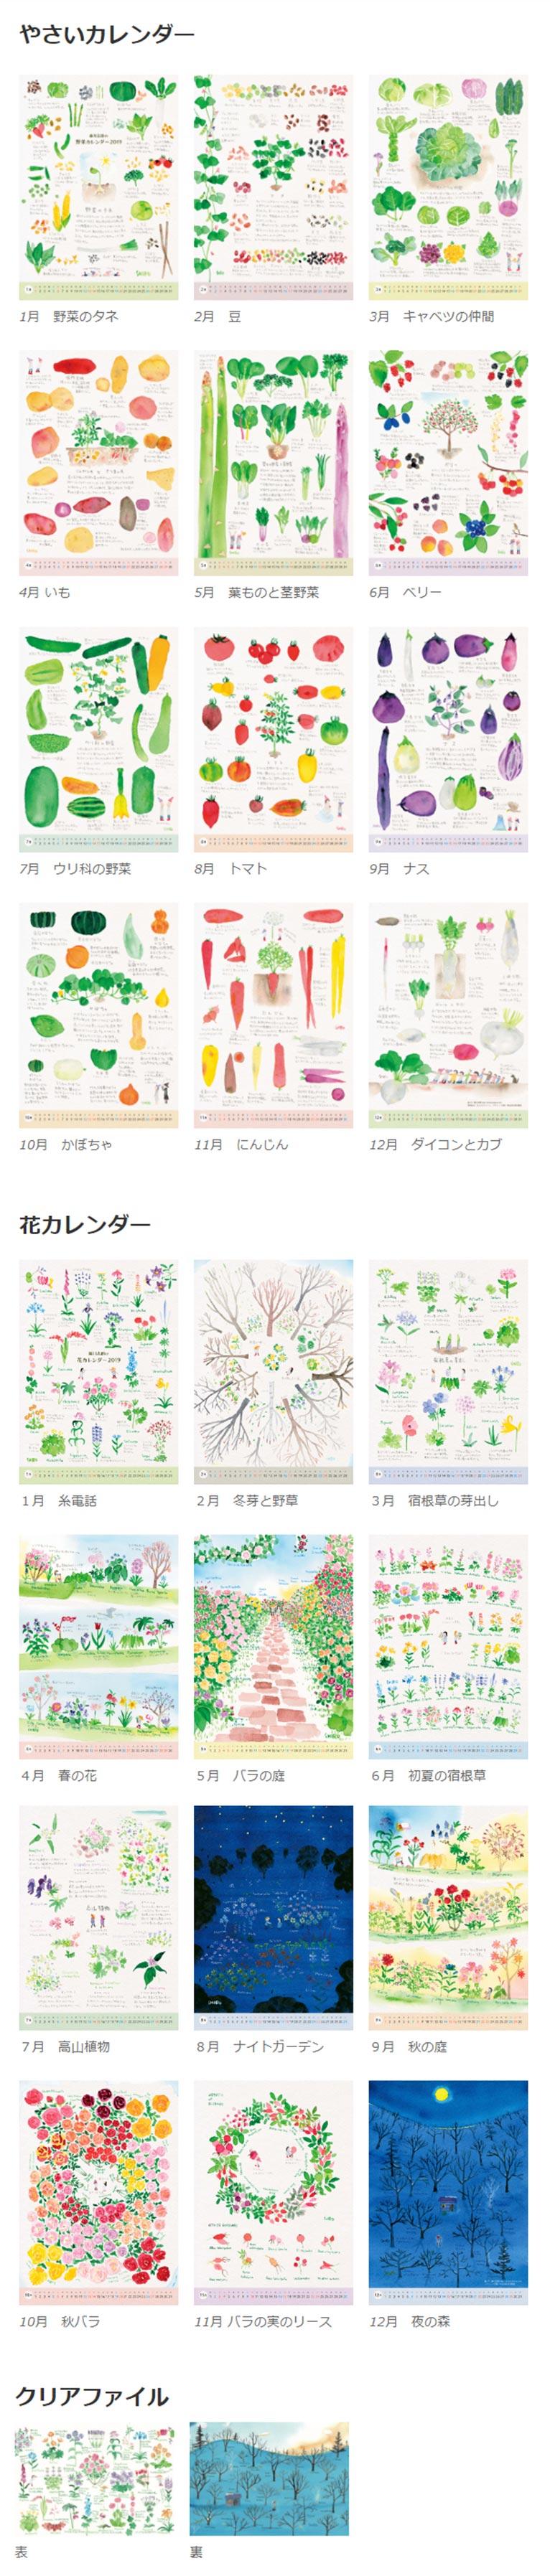 2019年版カレンダー&クリアファイル スケッチとイラスト 藤川志朗